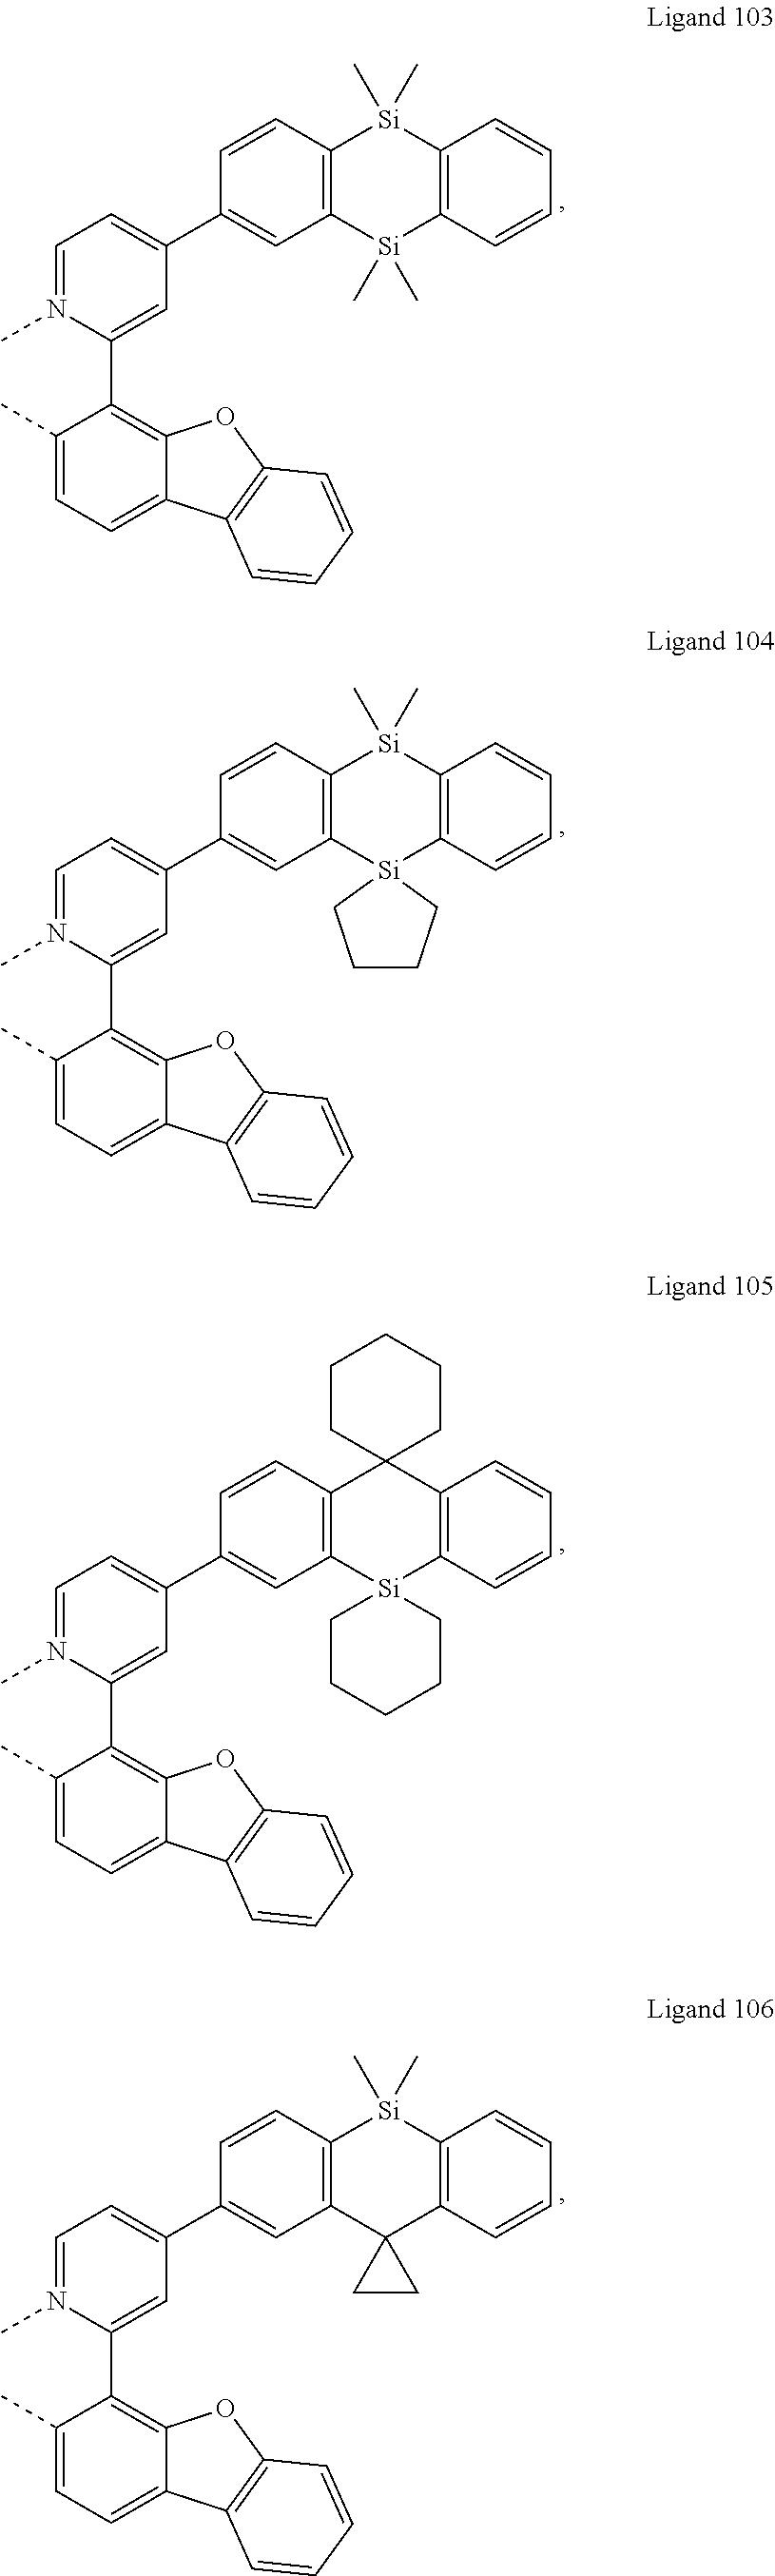 Figure US20180130962A1-20180510-C00058